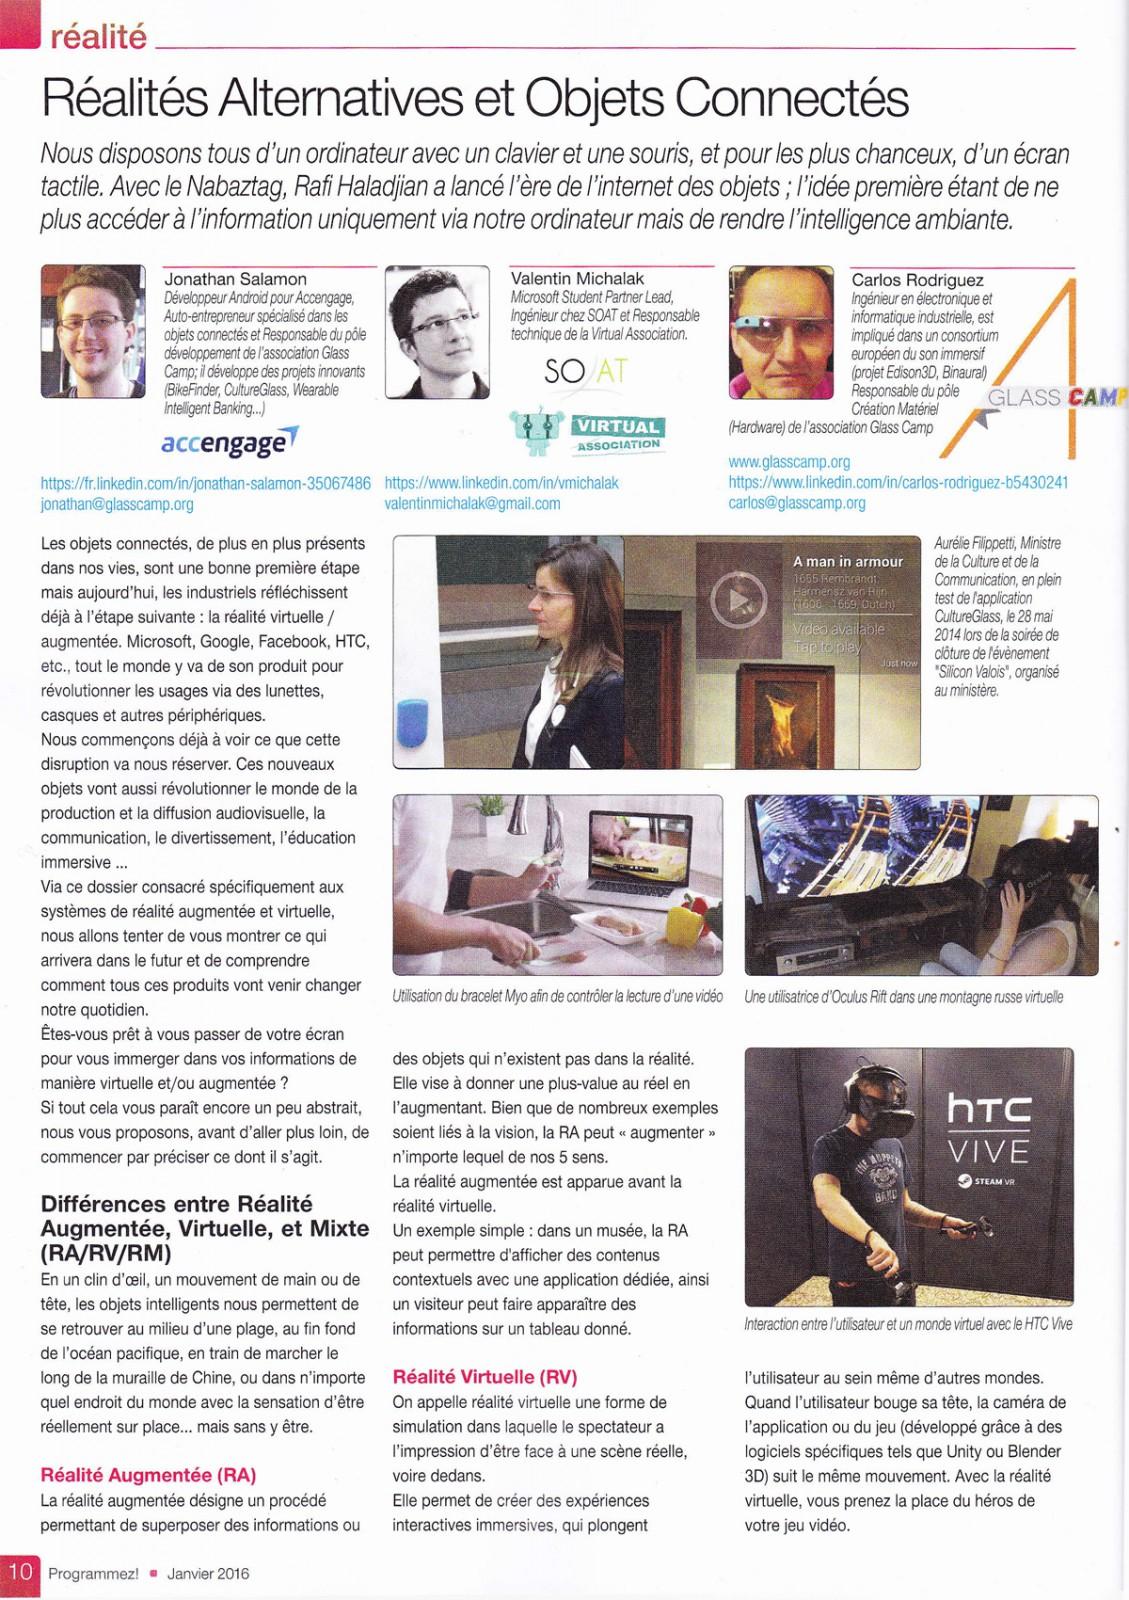 Dossier écrit par Jonathan Salamon sur les réalités alternatives dans le numéro de janvier 2016 du magazine Programmez!